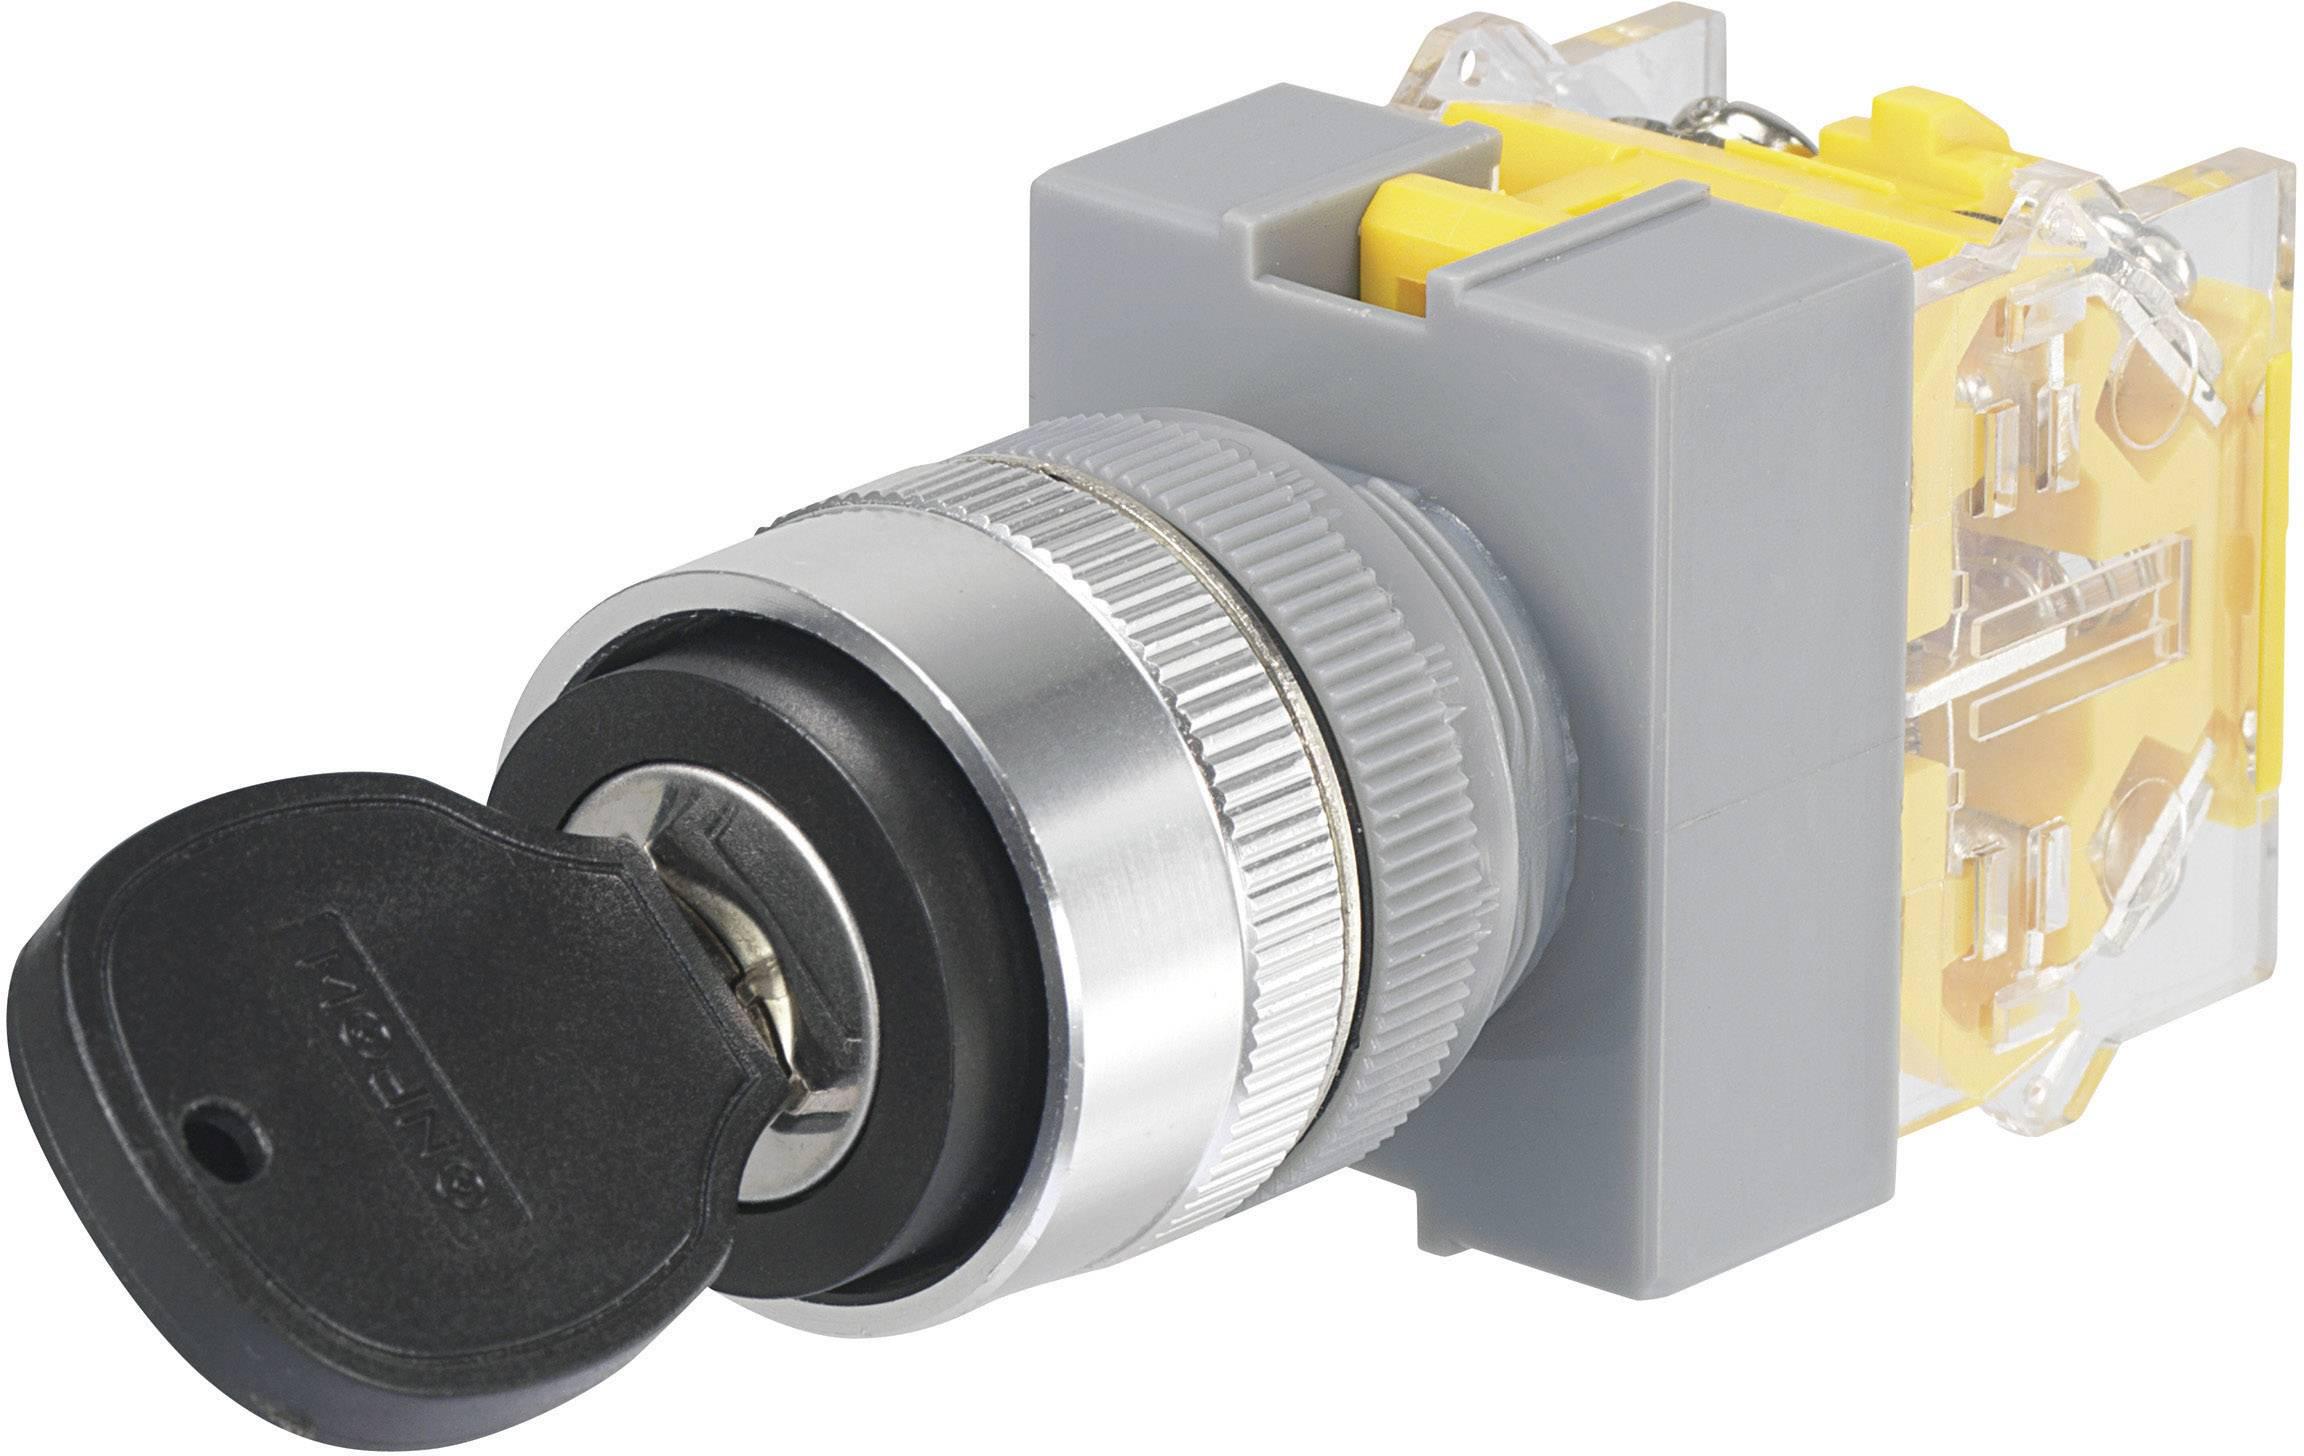 Kľúčový spínač TRU COMPONENTS Y090-A-20Y/32 704523, 250 V/AC, 5 A, 2x zap/vyp/(zap), 2 x 45 °, IP40, 1 ks